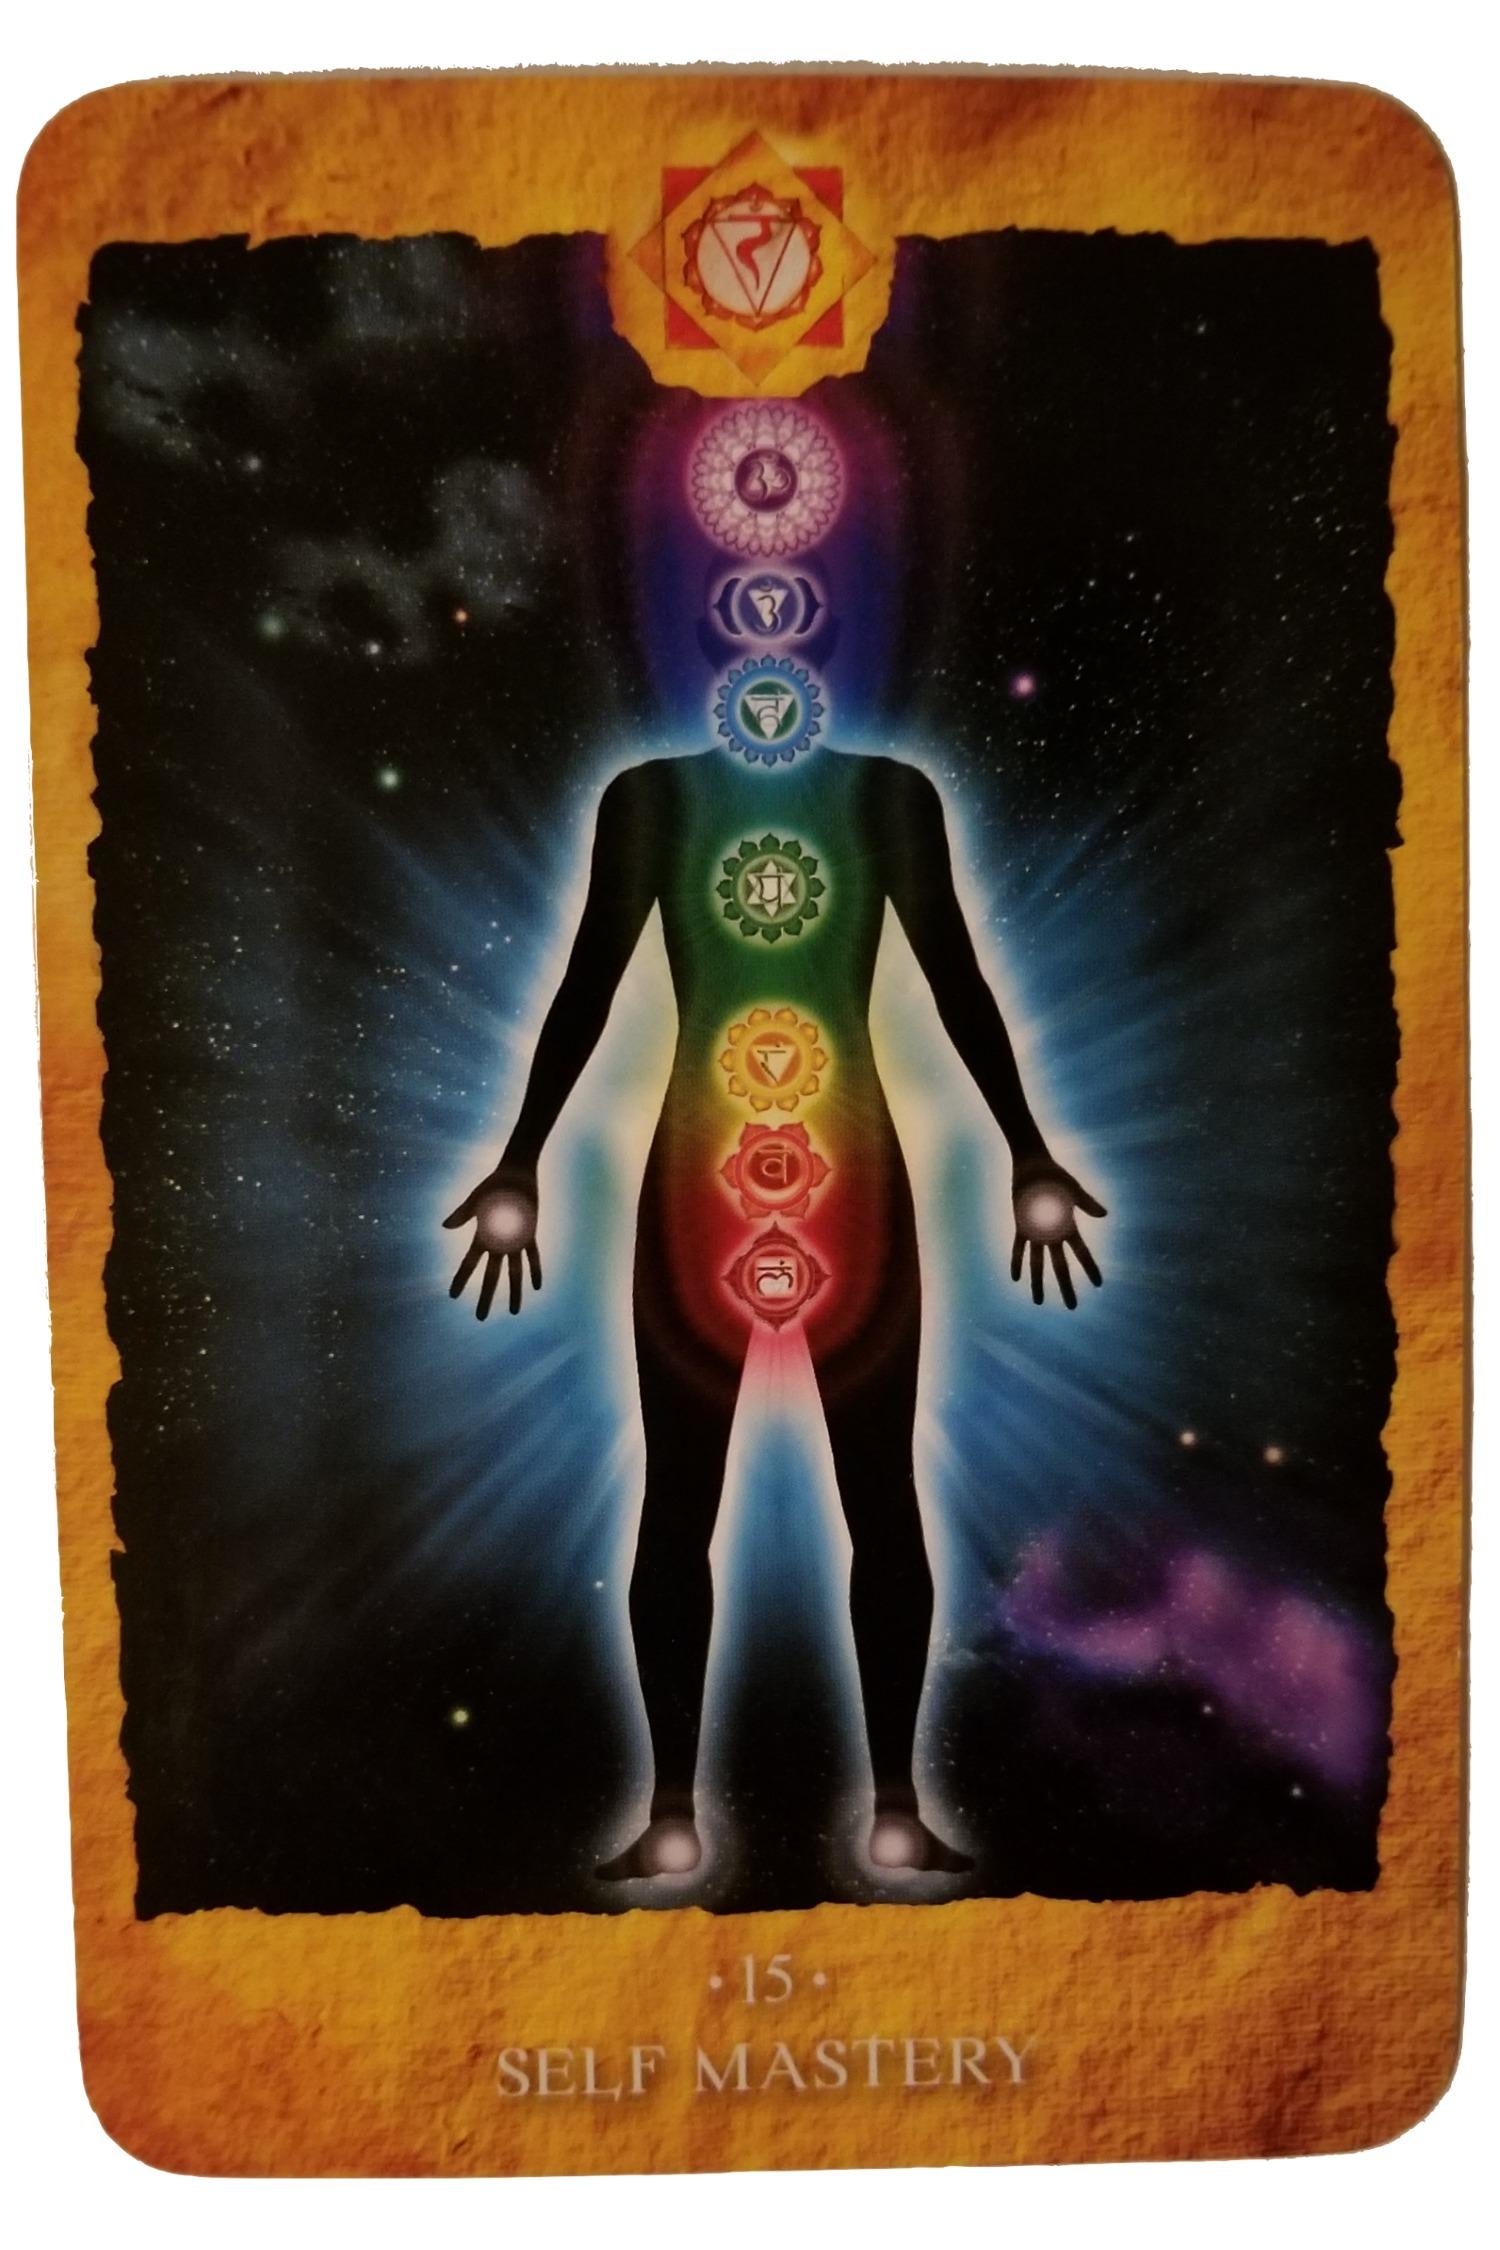 SELF-MASTERY - Chakra Reading Cards